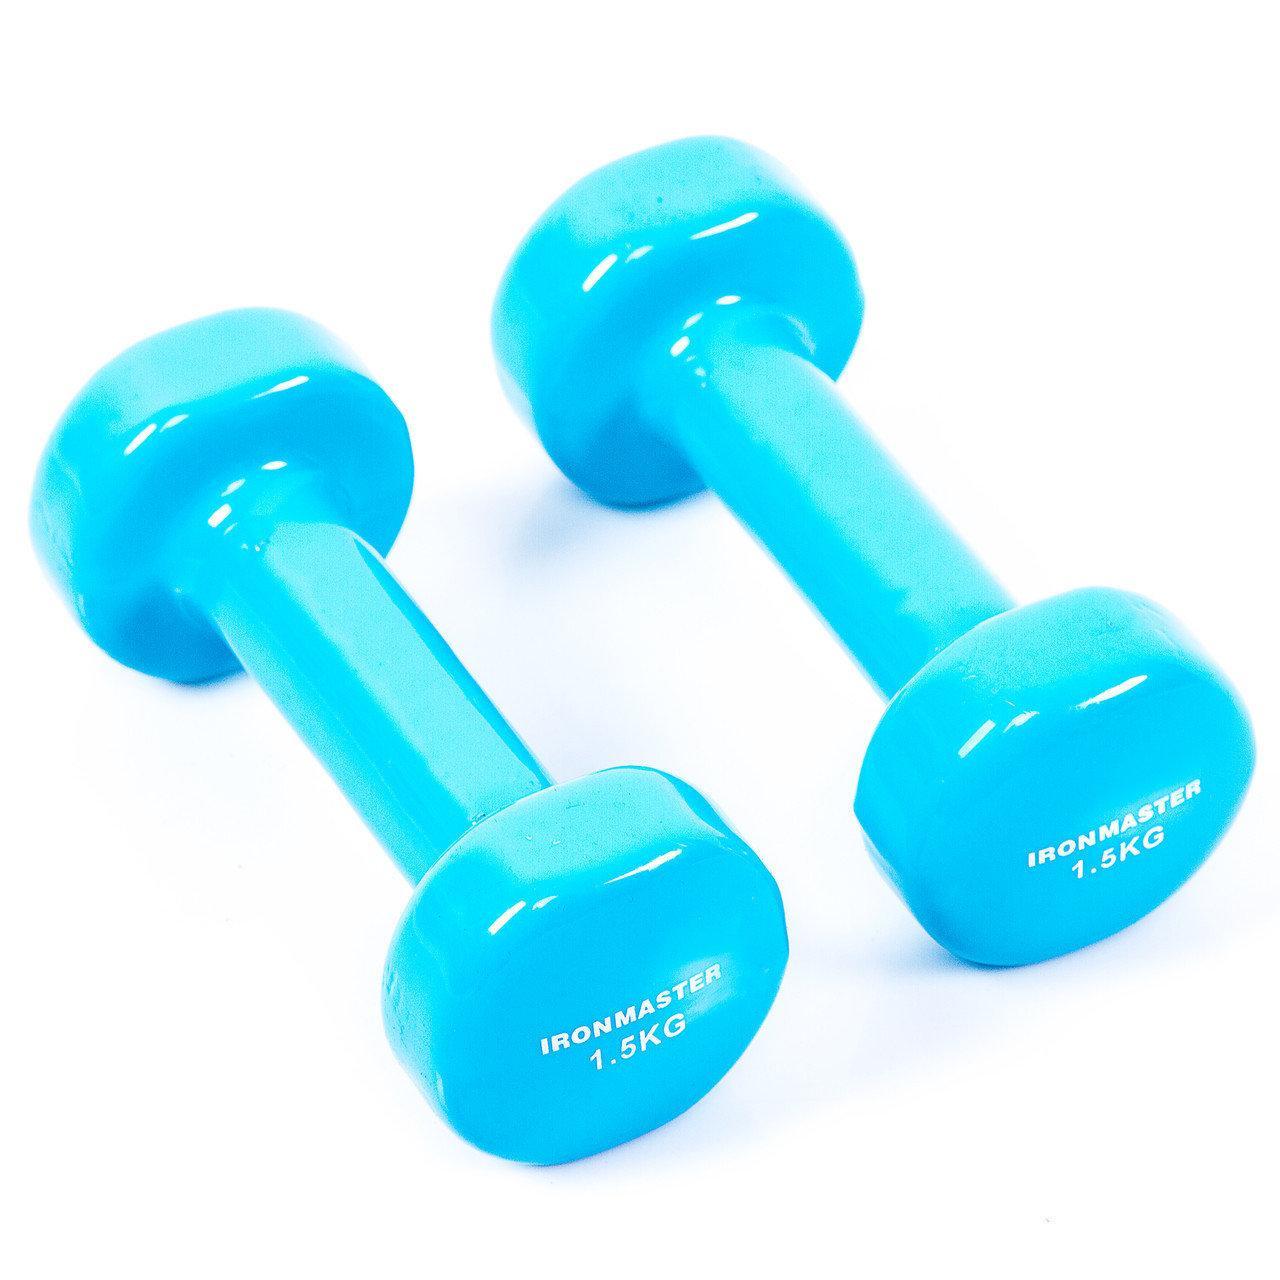 Гантели виниловые IronMaster 1.5 кг 2 шт голубые